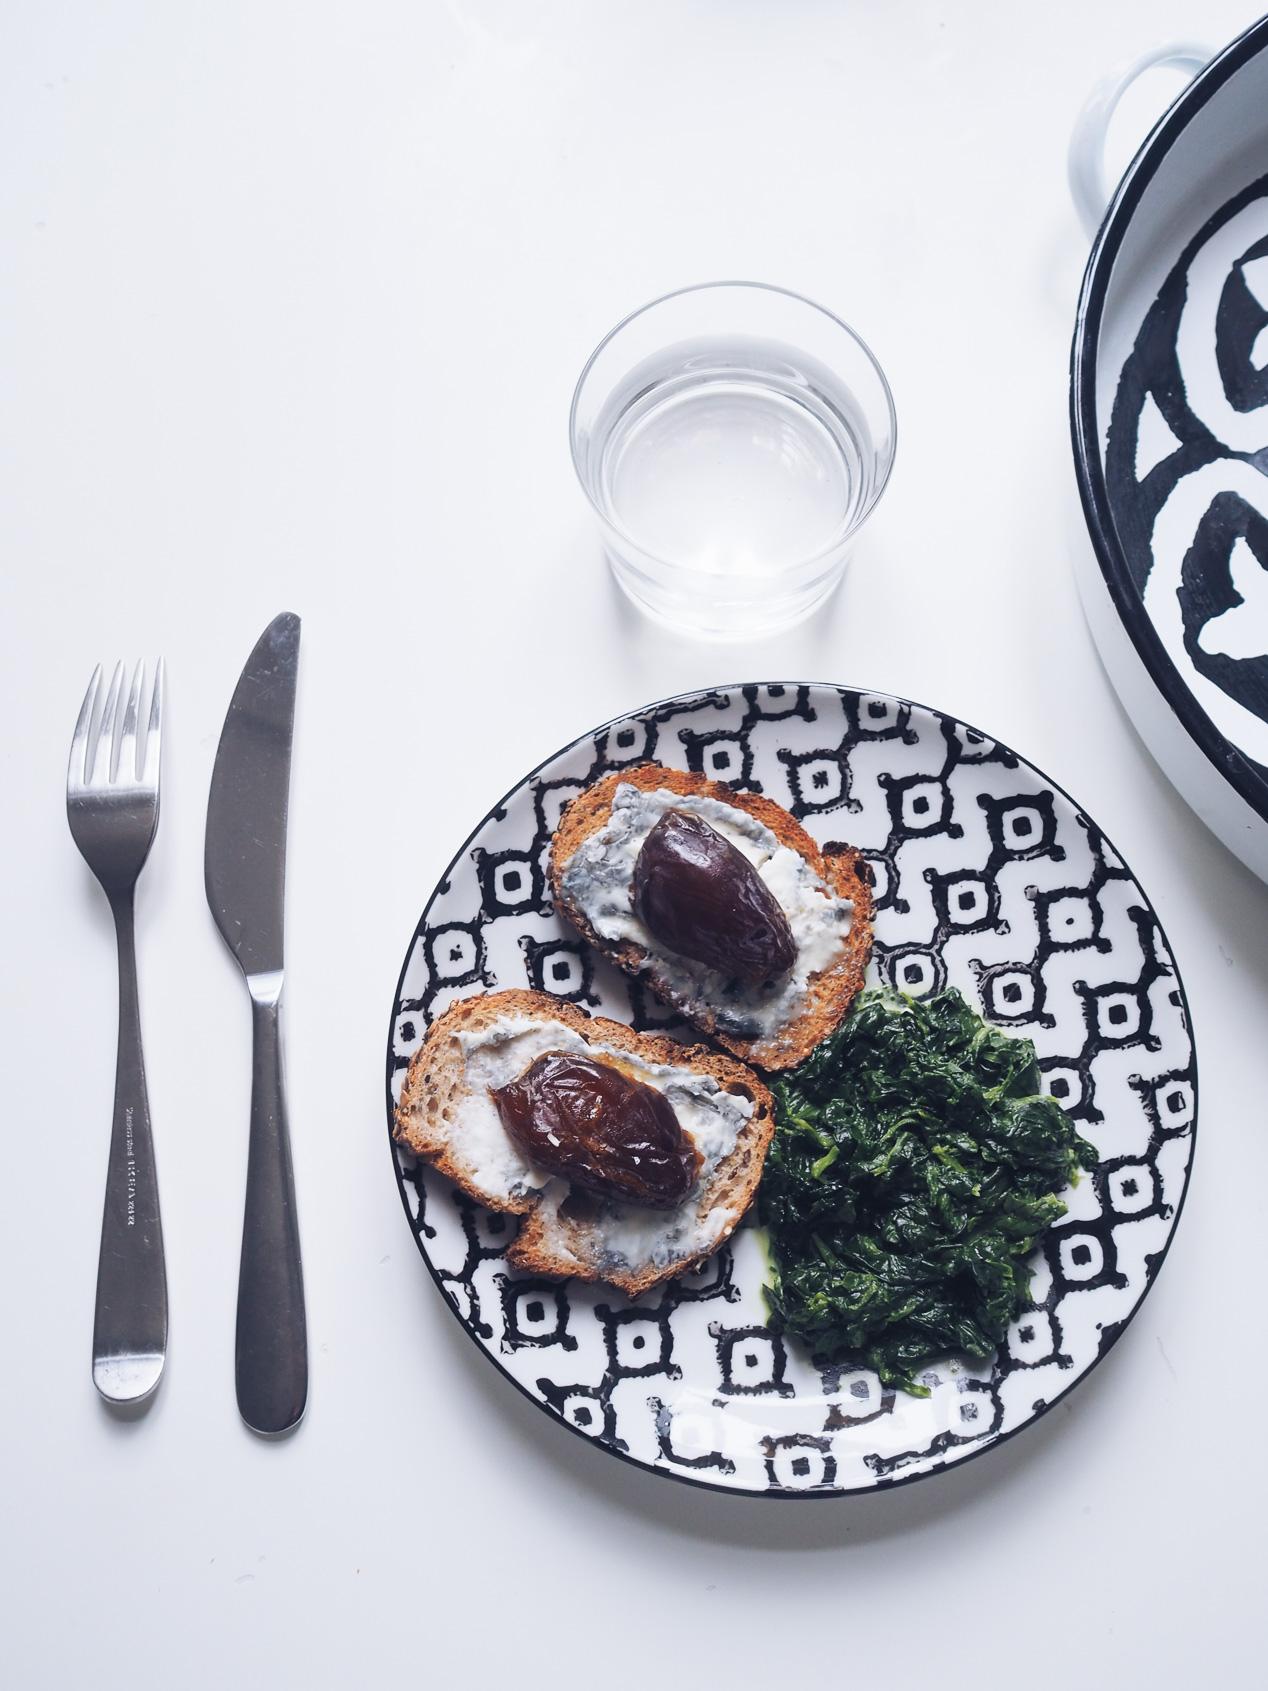 Cuisiner sainement quand on n'a pas le temps micro-ondes LG avis l La Fiancee du Panda blog mariage et lifestyle-155850